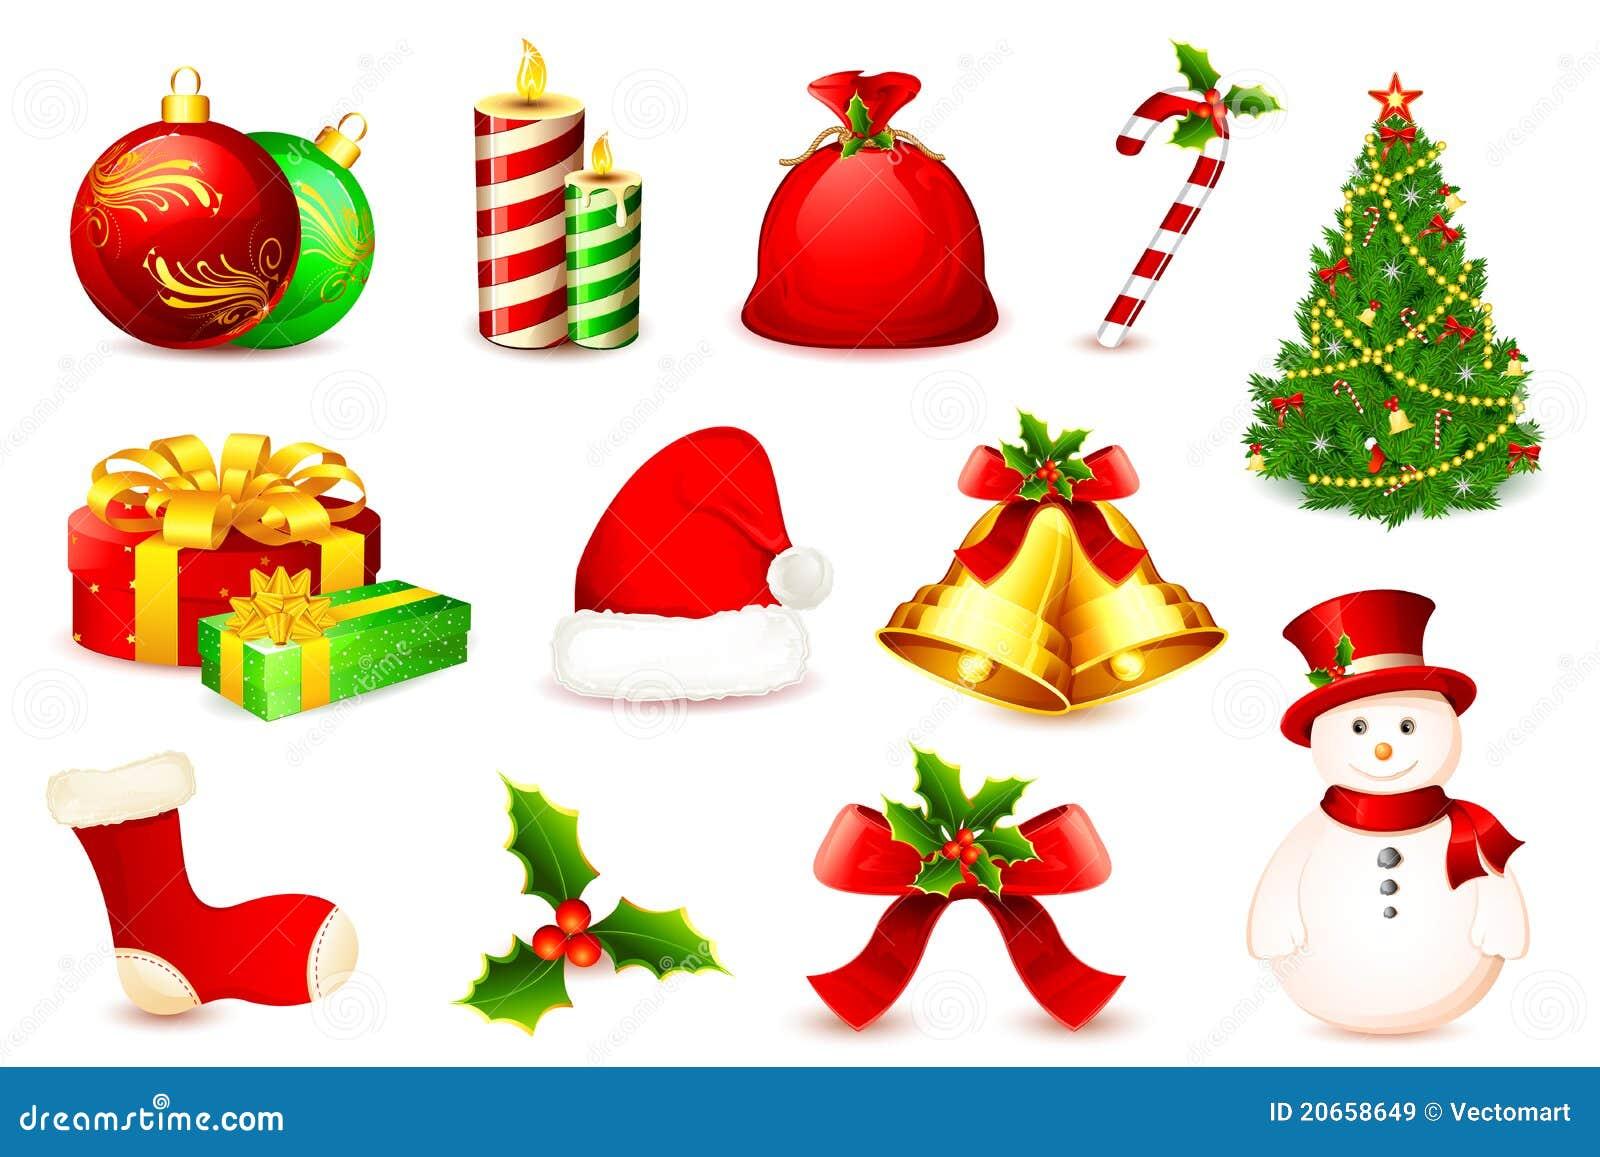 christmas element stock illustration image of decoration 20658649. Black Bedroom Furniture Sets. Home Design Ideas